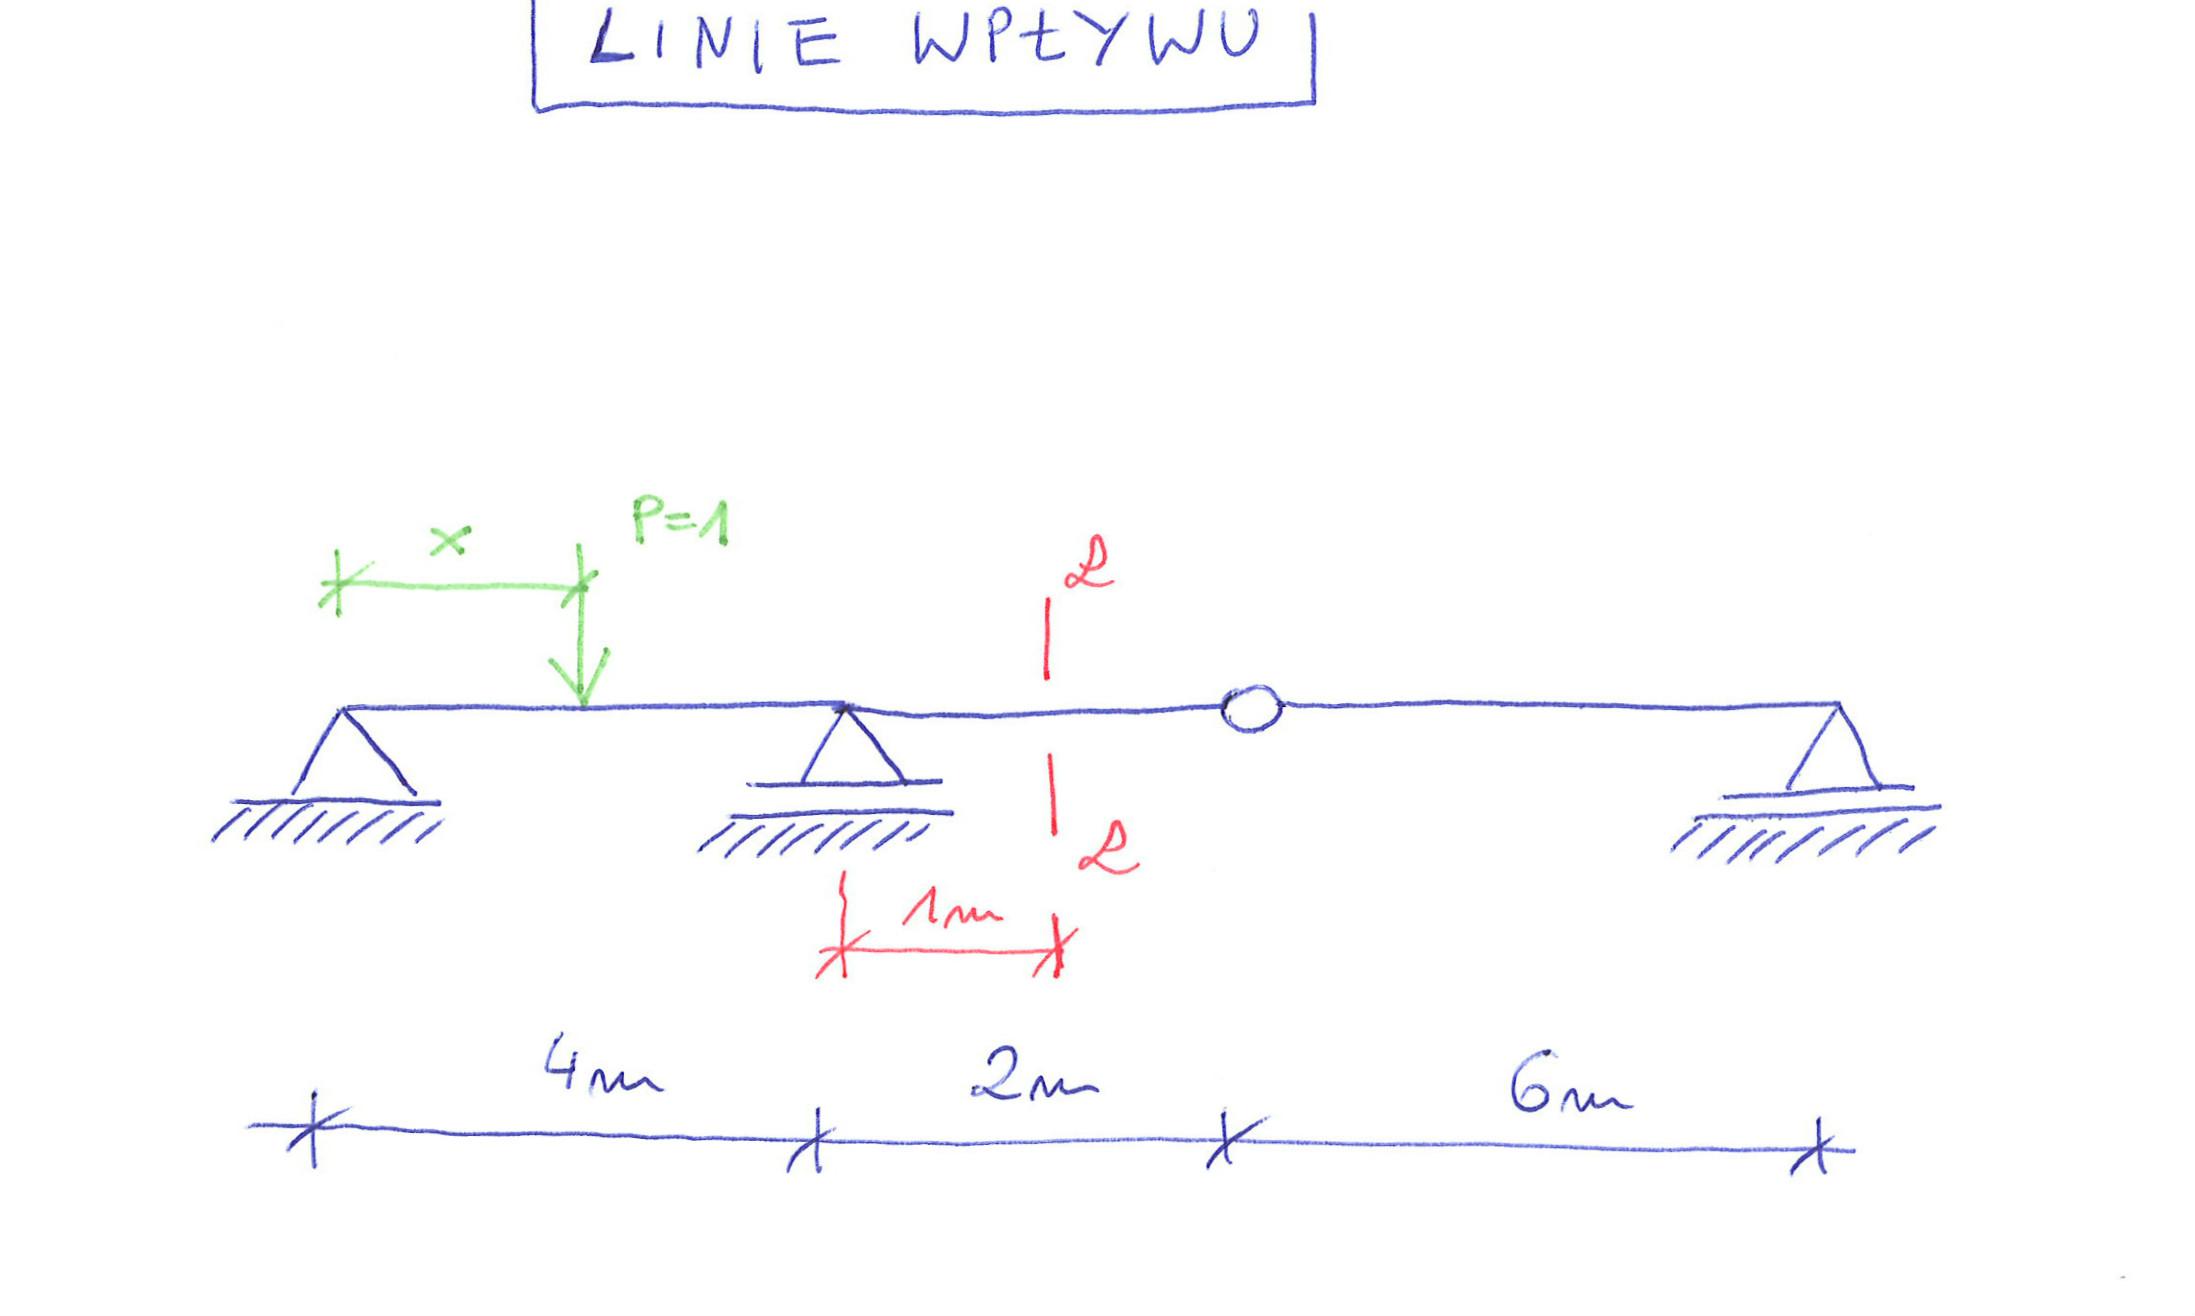 Rysowanie linii wpływu metodą kinematyczną